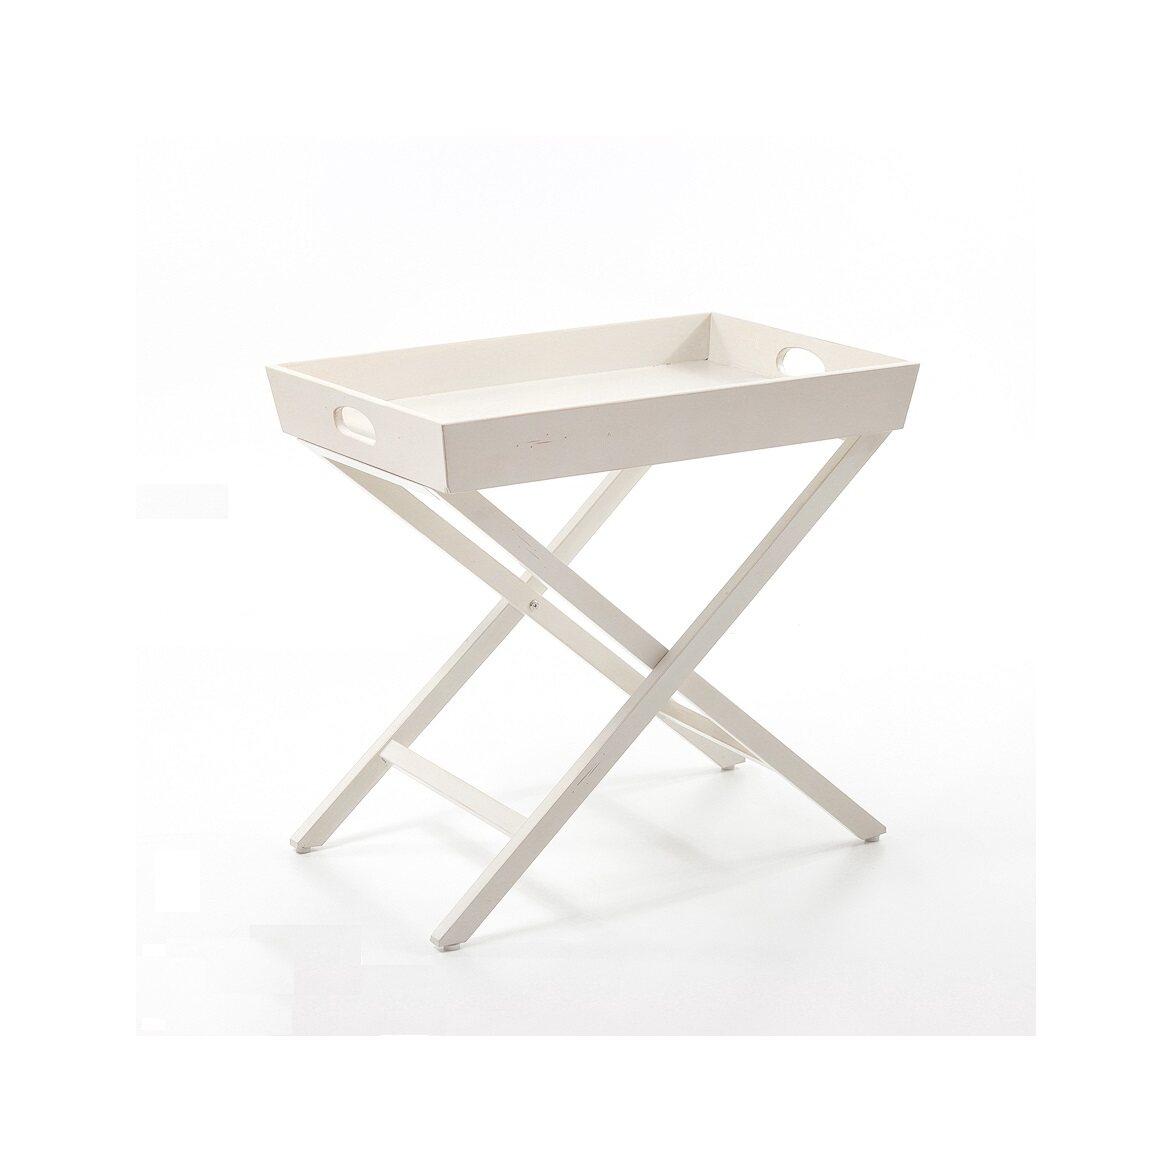 Раскладной столик Leontina, бежевого цвета 4 | Кофейные столики Kingsby